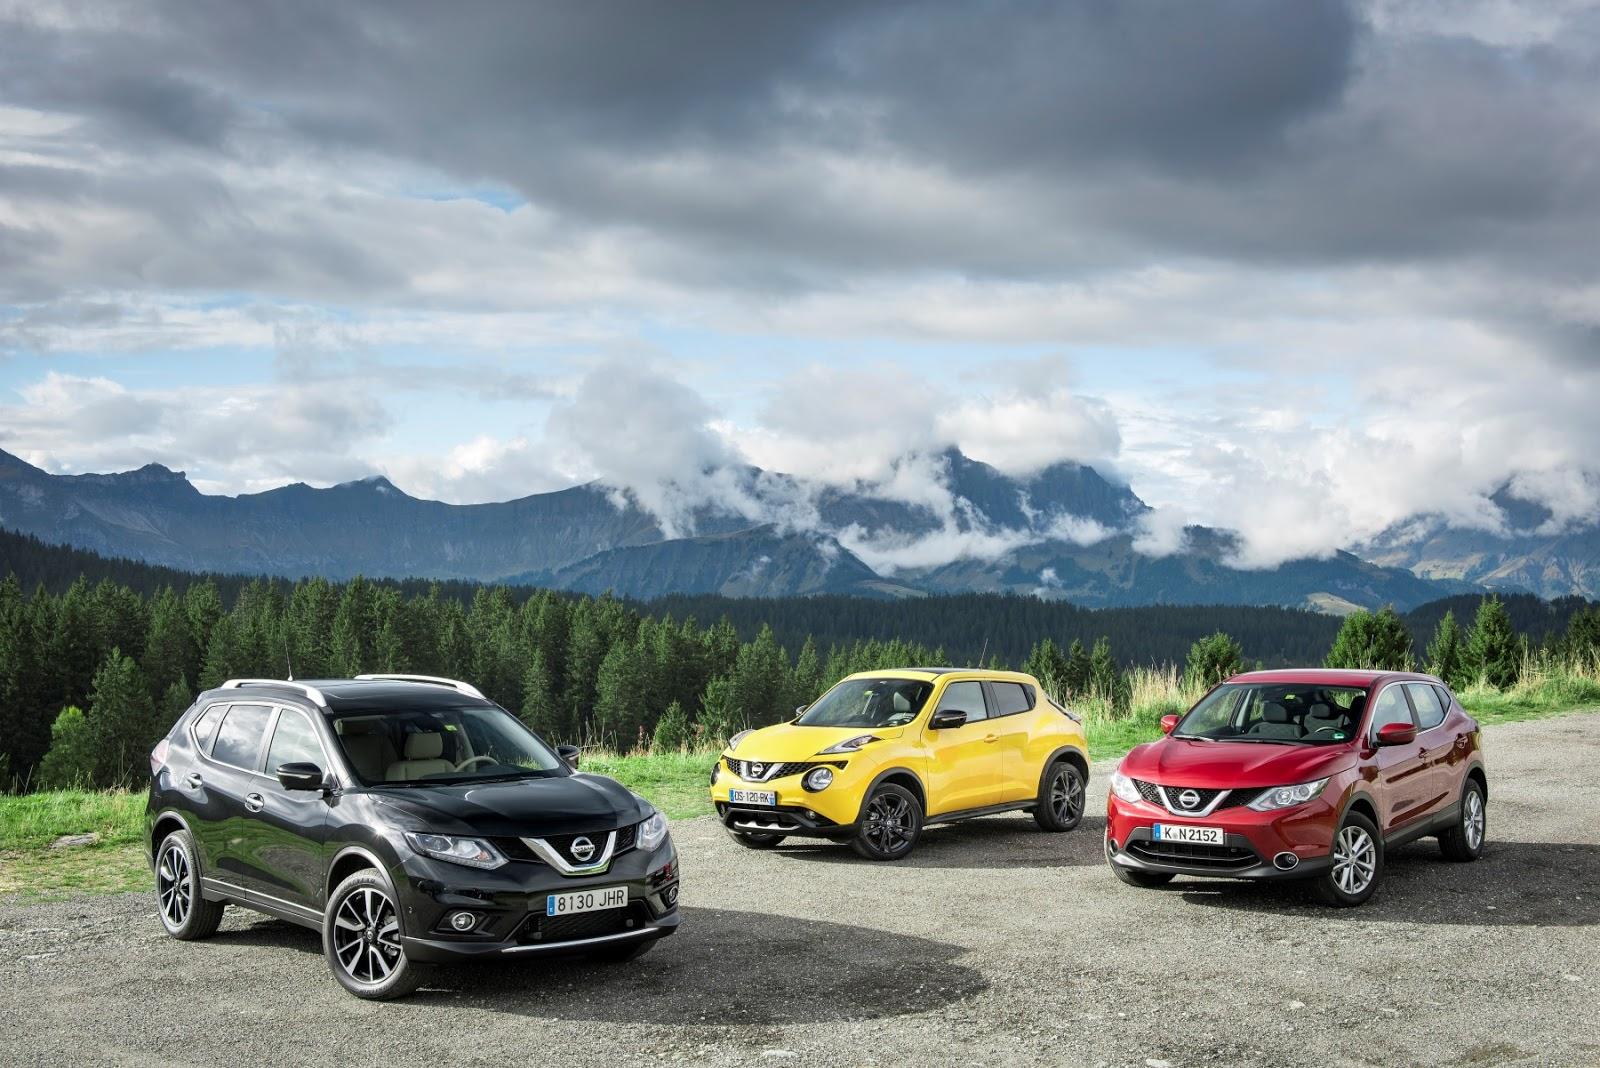 Πανευρωπαϊκό ρεκόρ πωλήσεων για τη Nissan το 2015, με πρωτιά ανάμεσα στις ασιατικές μάρκες αυτοκινήτων